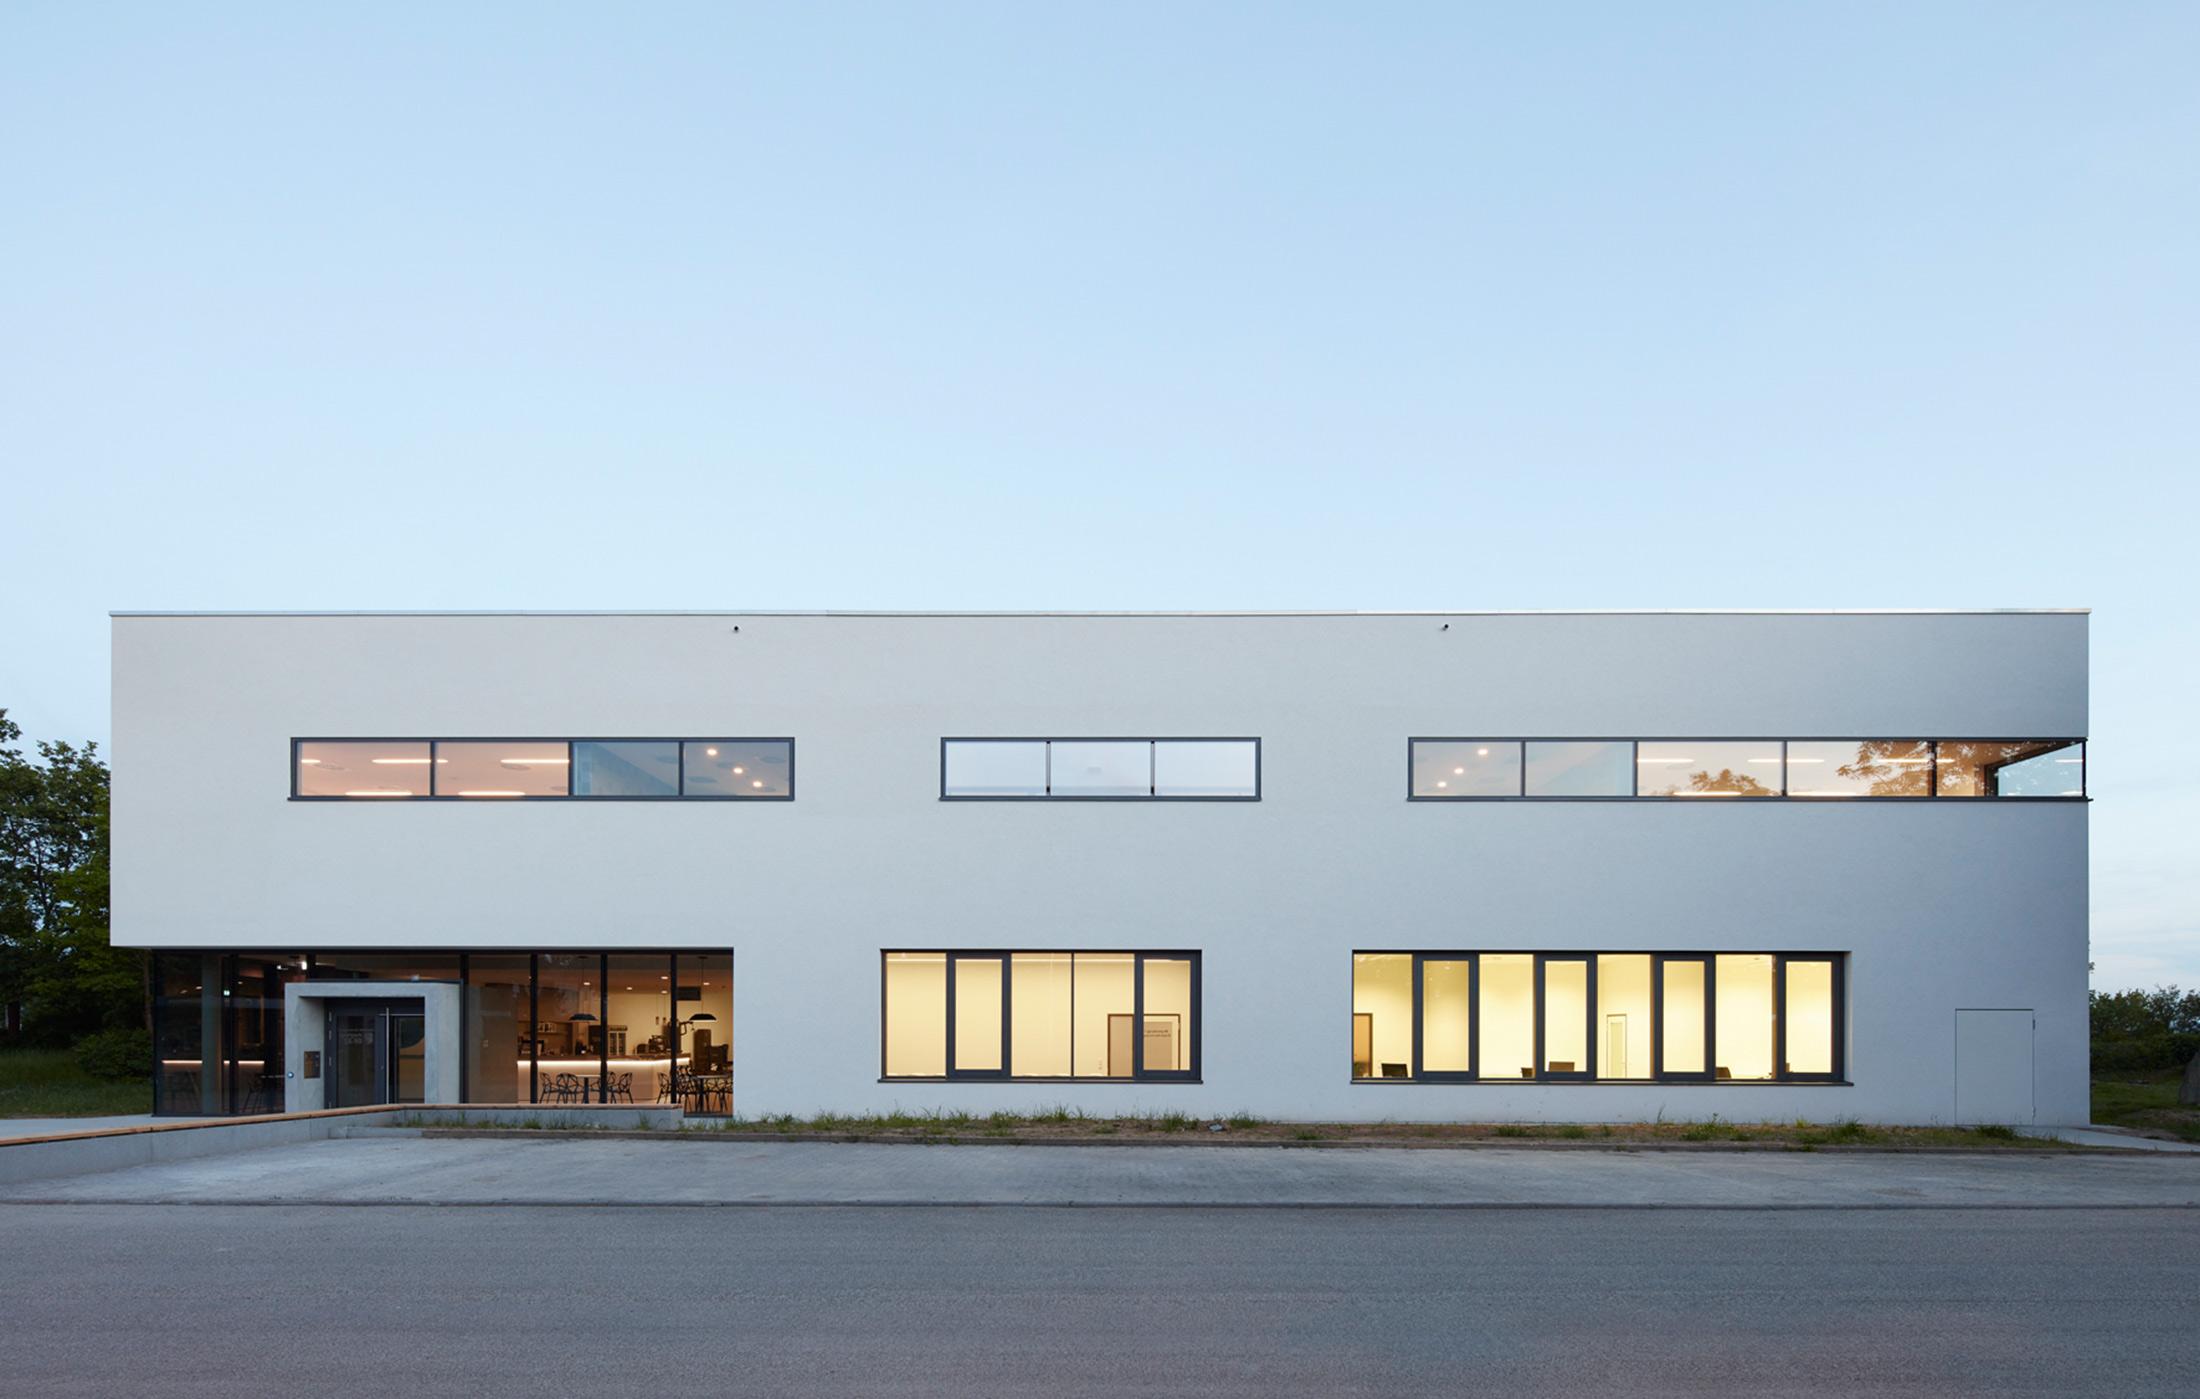 2016_Neubau_Sportvereinszentrum_Boeckingen_Generalplanung_Architektur